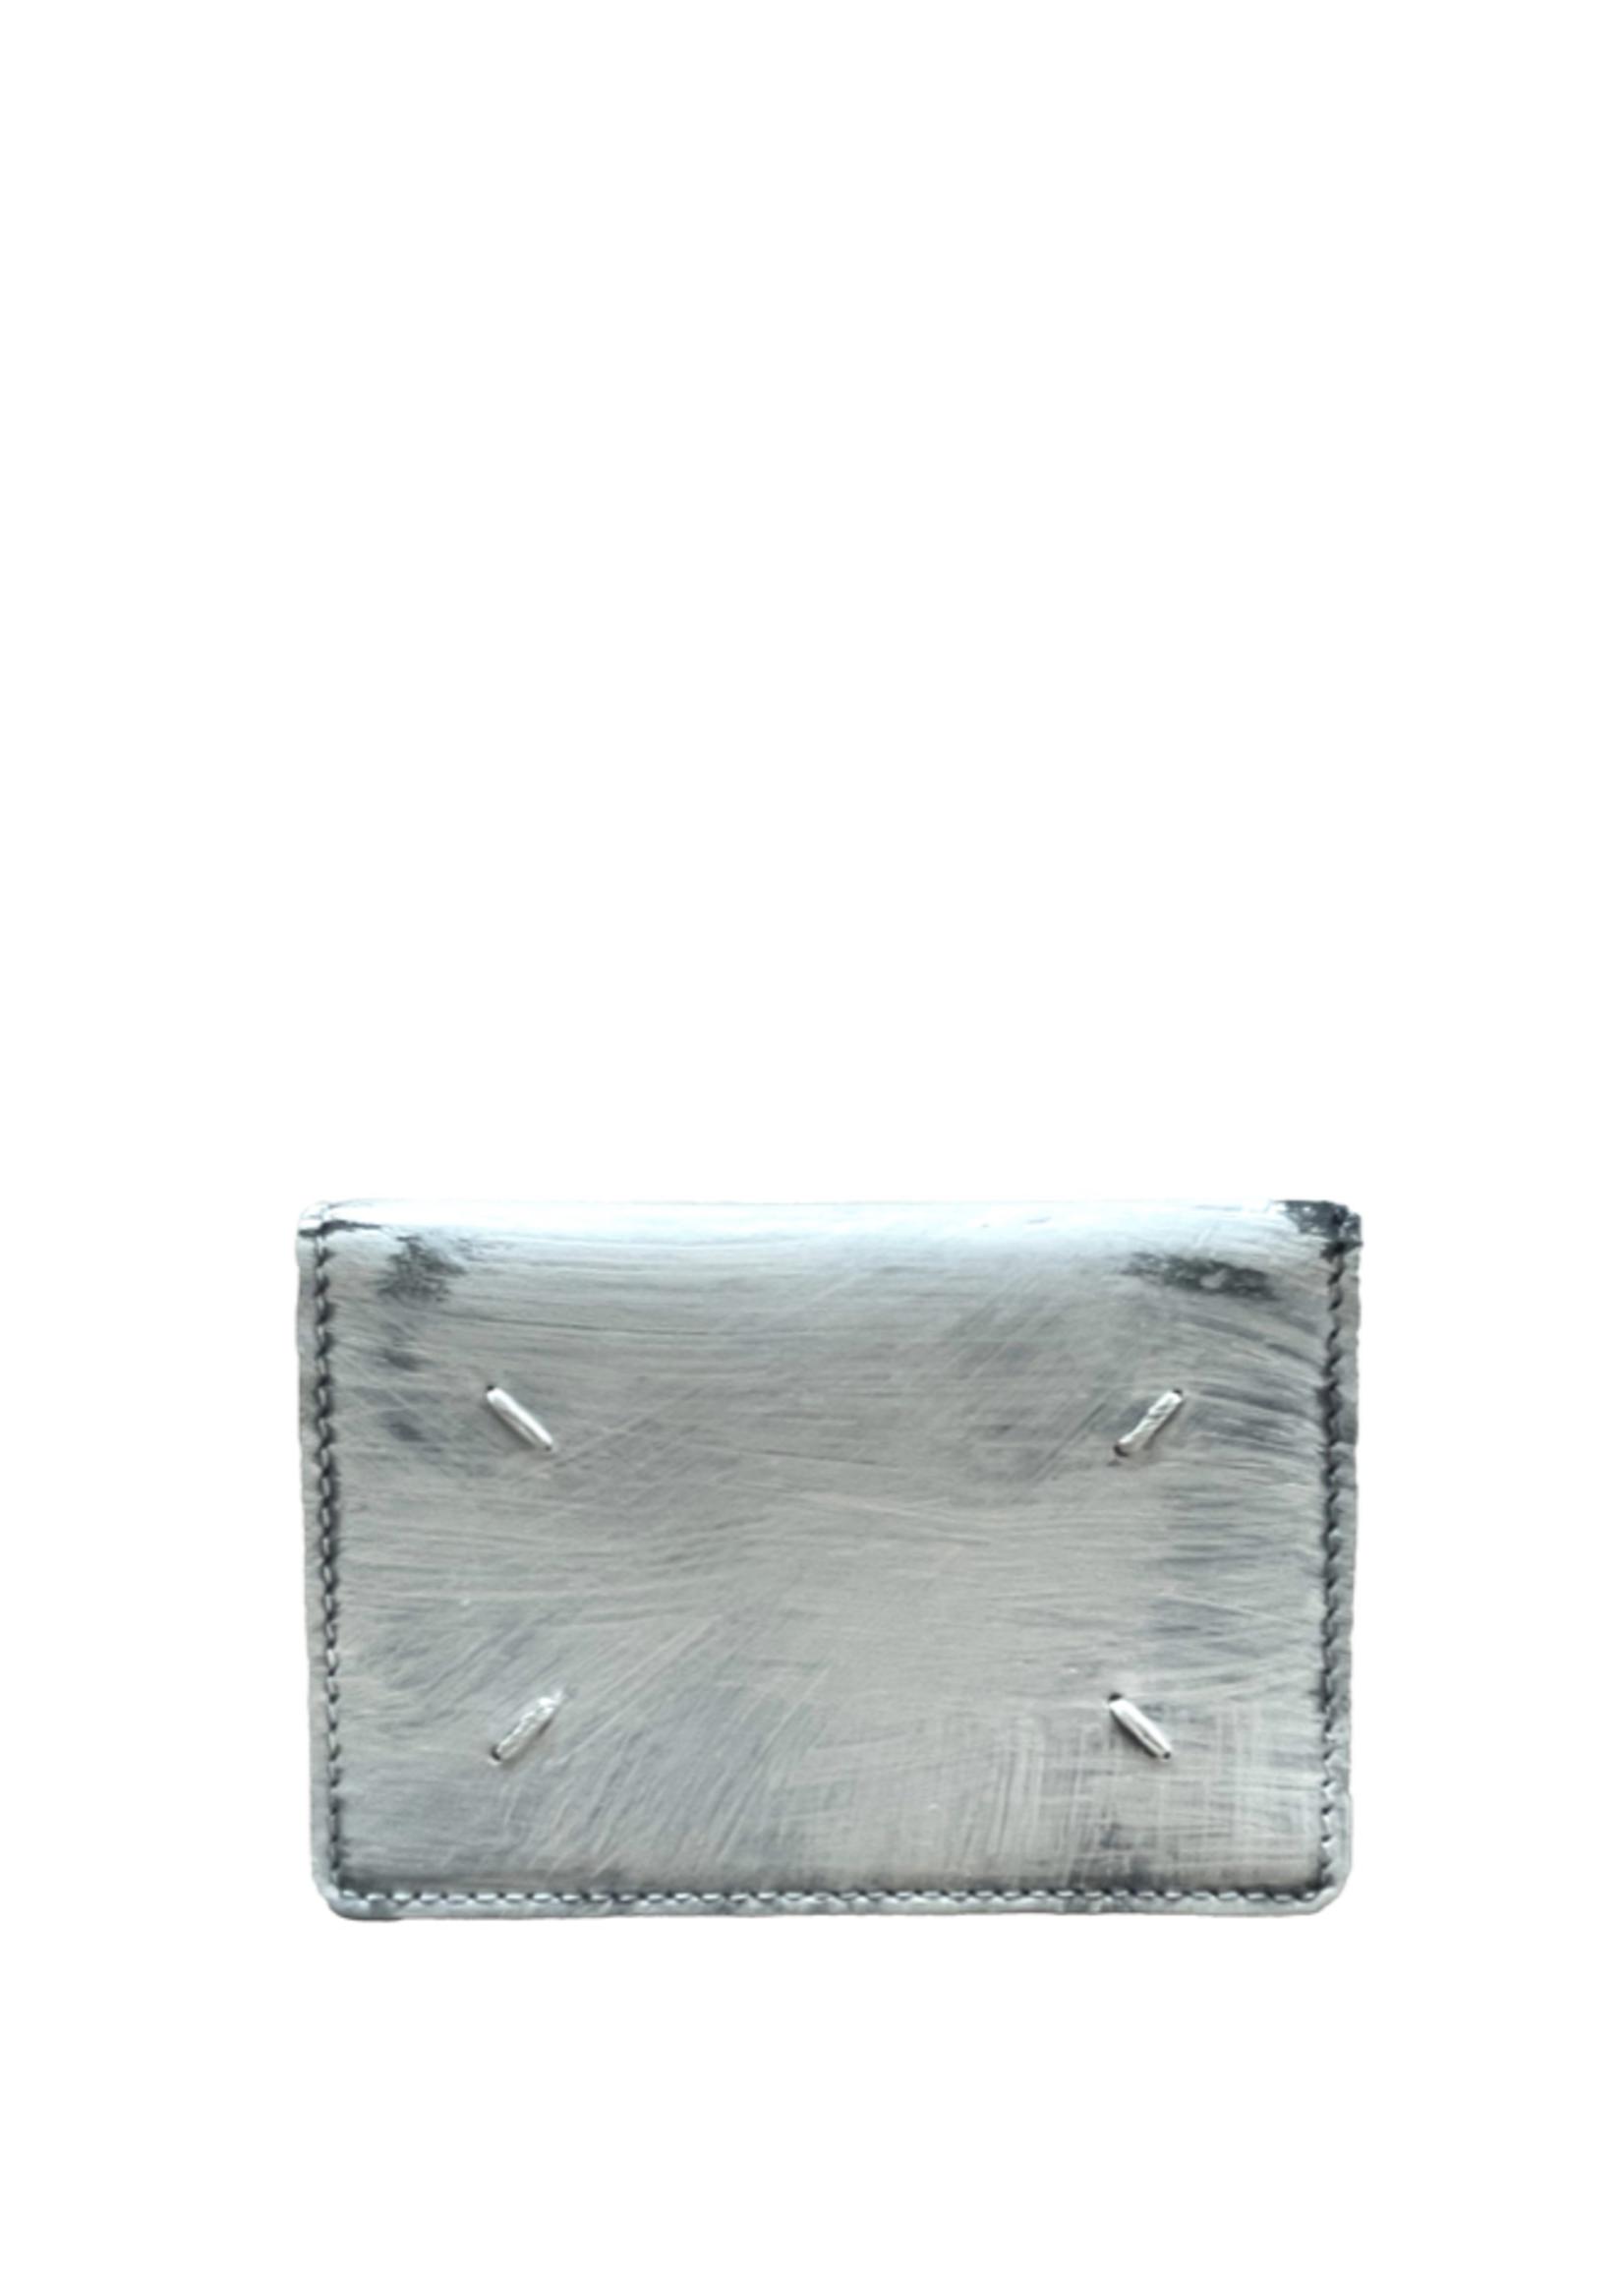 Maison Margiela Black Card Holder with White Paint